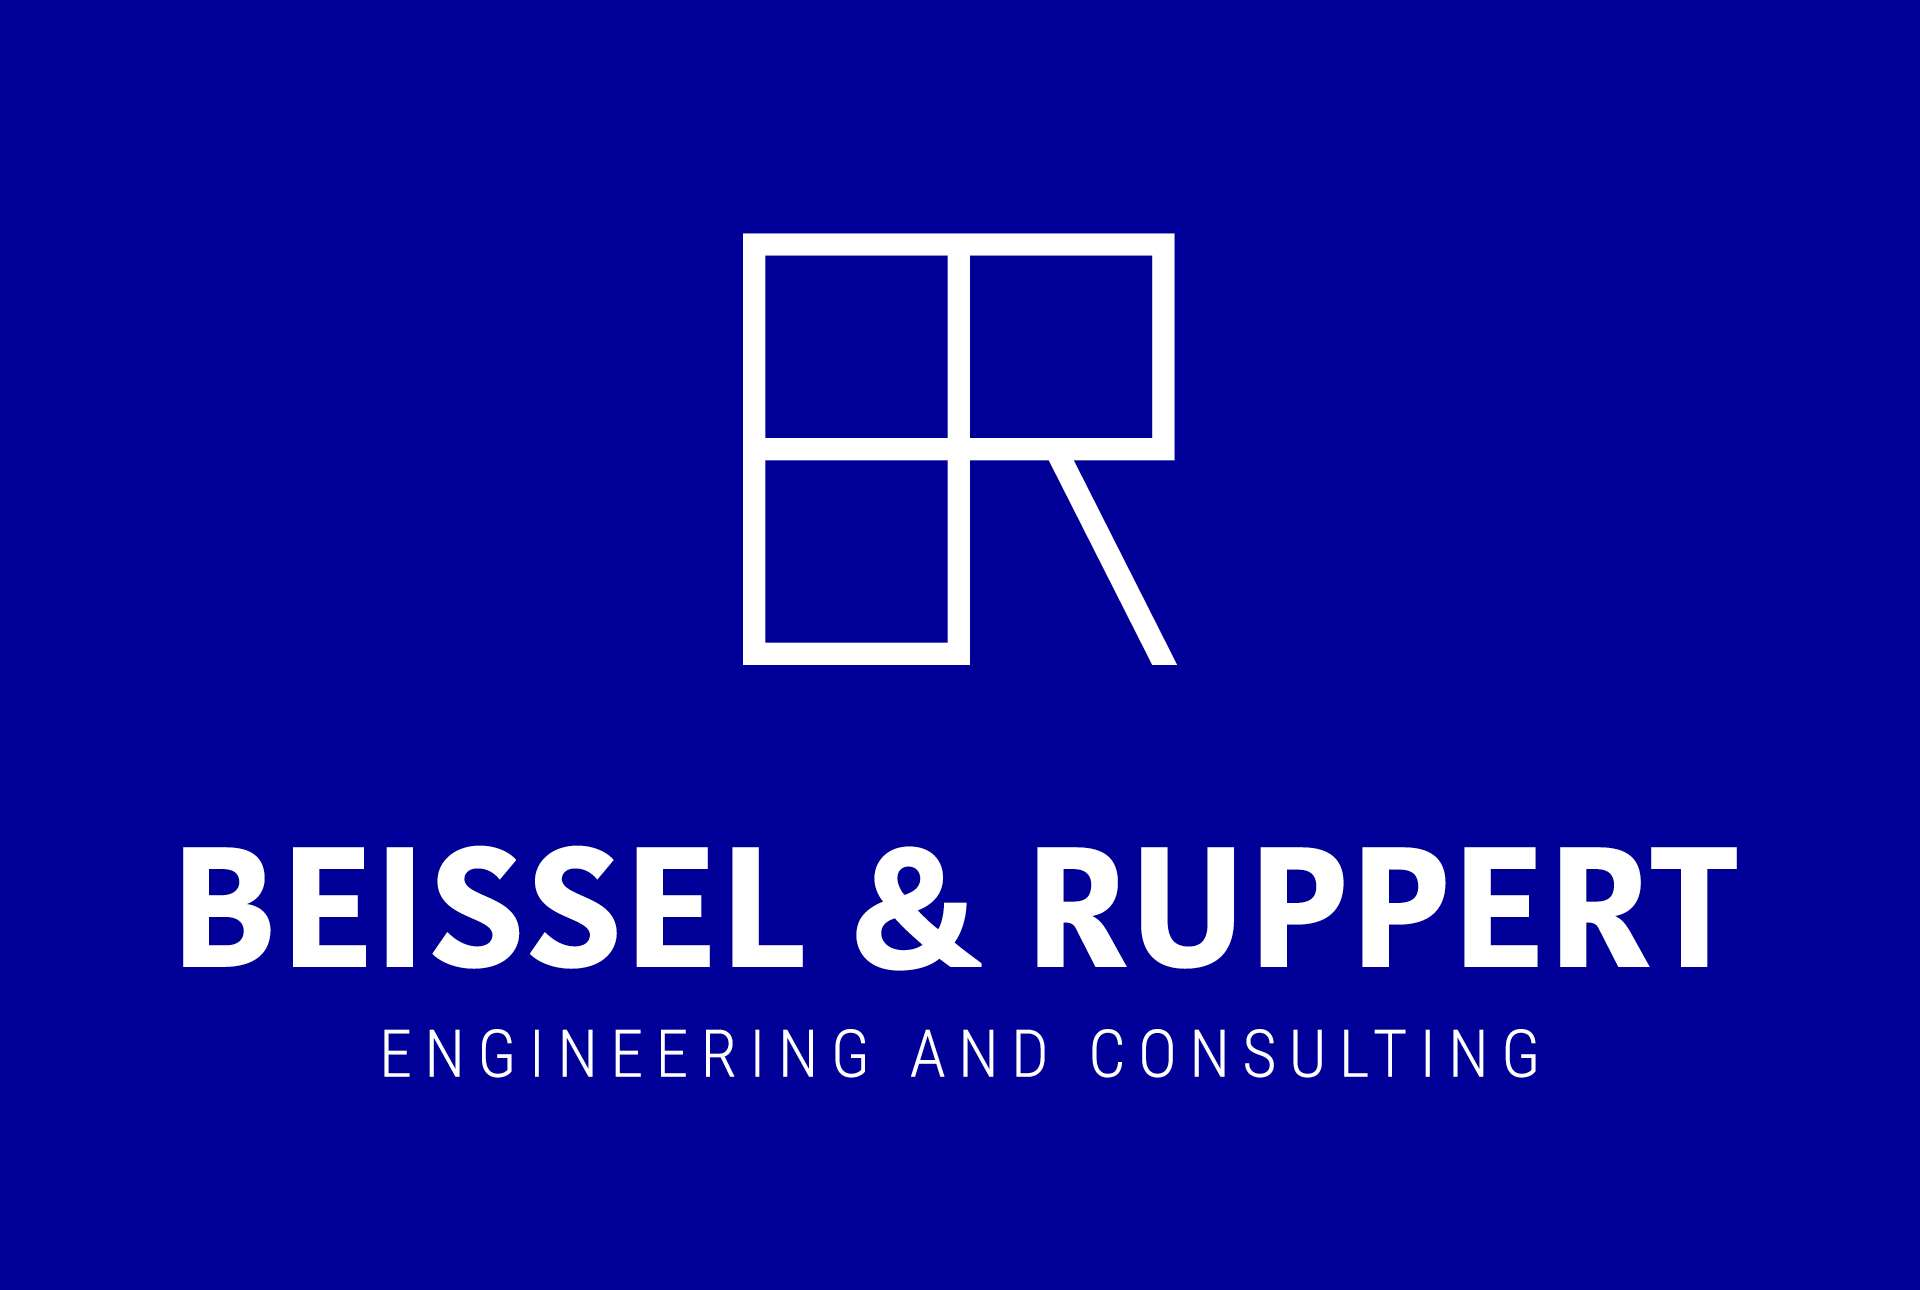 identité visuelle de Beissel & Ruppert, logo composé d'un pictogramme et du nom de la société sur fond bleu, la couleur corporate de la société